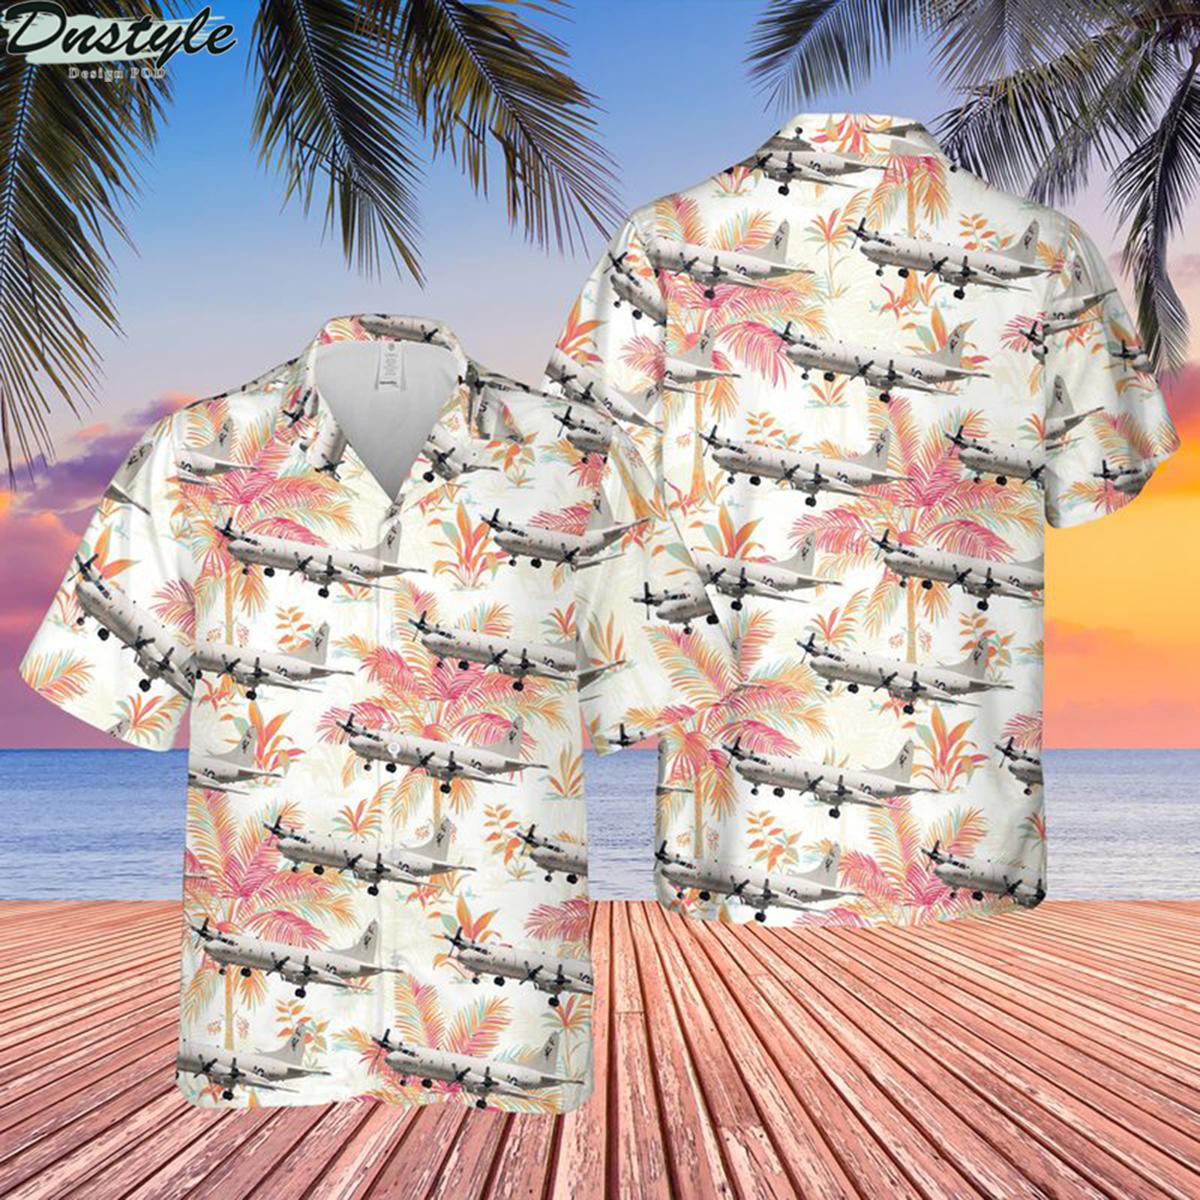 US navy lockheed p-3c orion hawaiian shirt 2